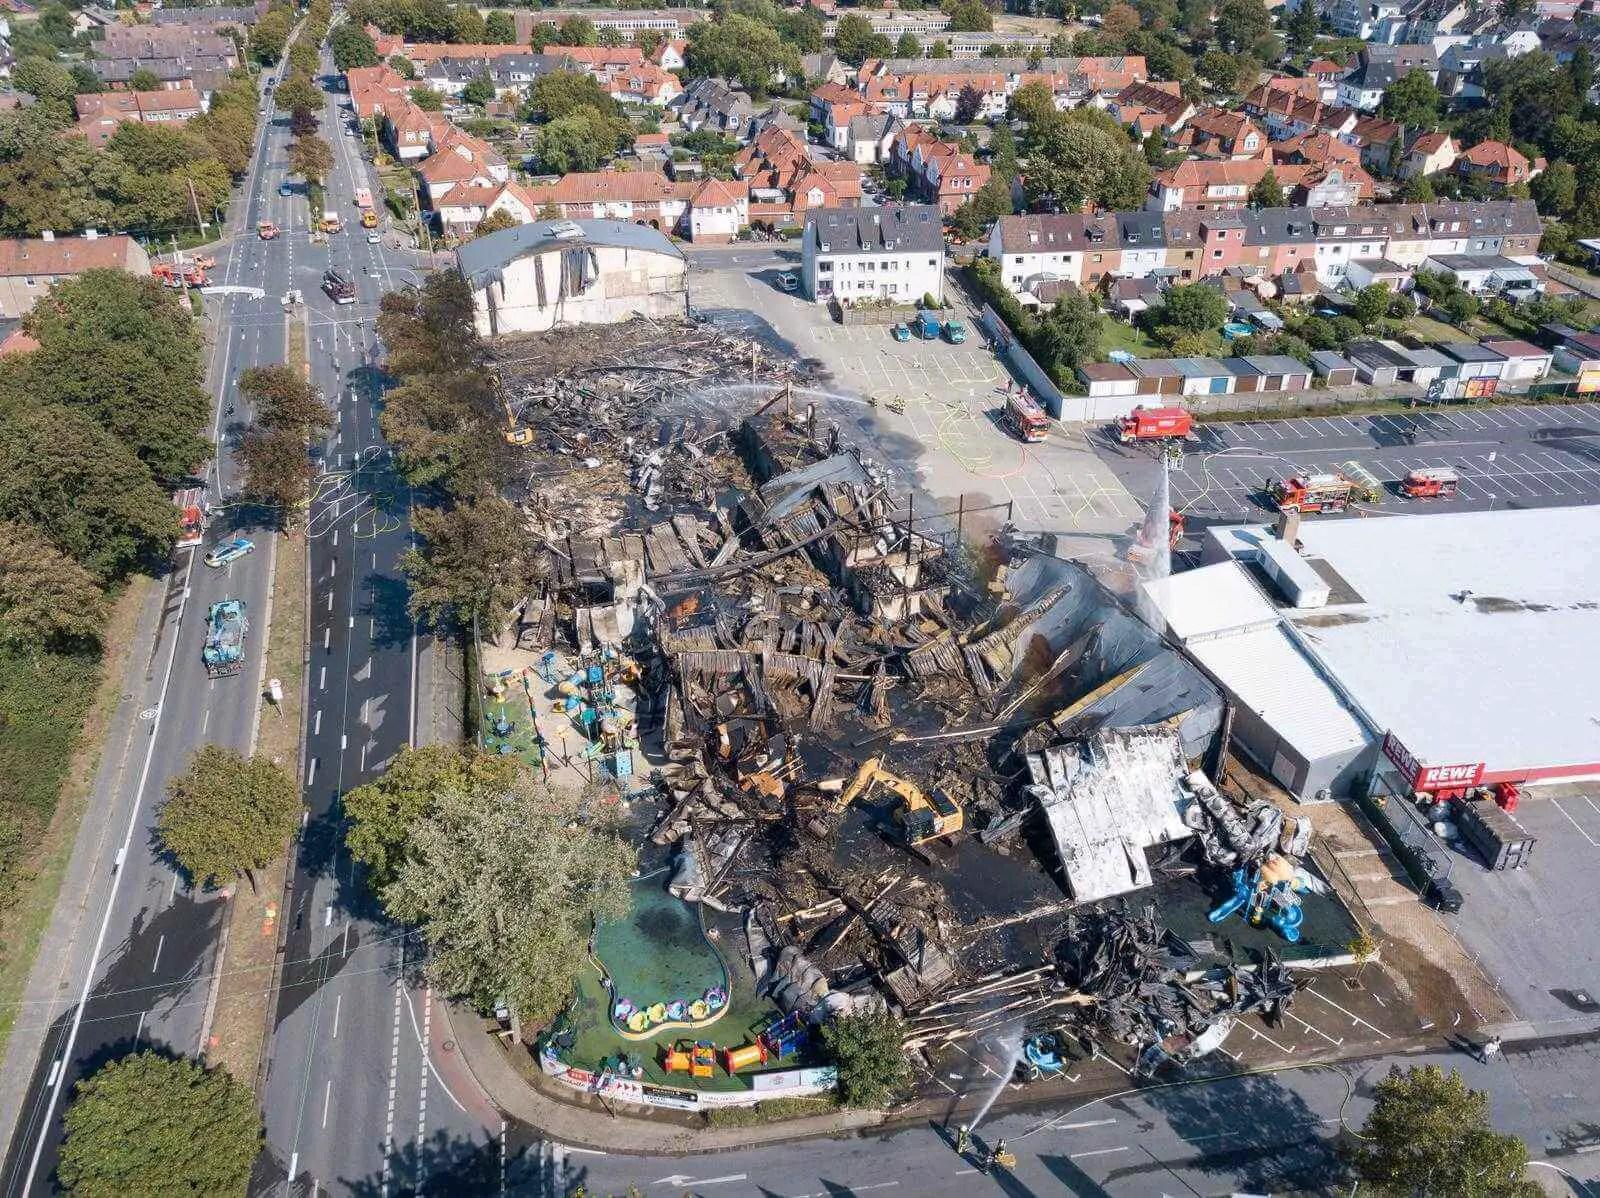 Gebäudekomplex eines Indoorspielplatzes brennt nieder - alle Personen konnten sich unverletzt aus dem Gebäude retten